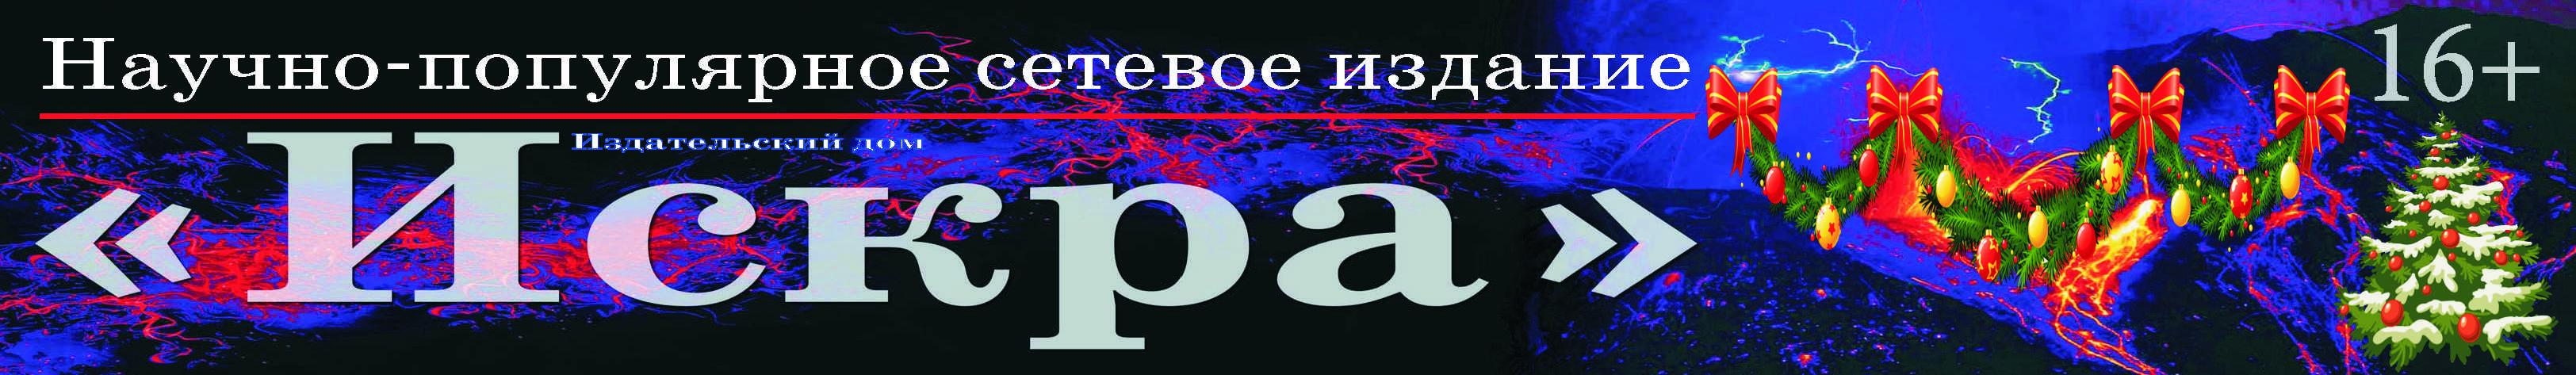 Сетевое издание Издательский дом «Искра» зарегистрировано в Федеральной службе по надзору в сфере связи, информационных технологий и массовых коммуникаций (Роскомнадзор) от 30.10.2014  года. Свидетельство о регистрации ЭЛ № ФС 77 – 59747.Настоящий ресурс может содержать материалы 16+. Все права на любые материалы, опубликованные на сайте, защищены в соответствии с российским и международным законодательством об авторском праве и смежных правах. Использование любых материалов, а также аудио-, фото- и видеоматериалов, размещённых на сайте, допускается только с разрешения правообладателя и ссылкой на сайт  www.rediskra.com .